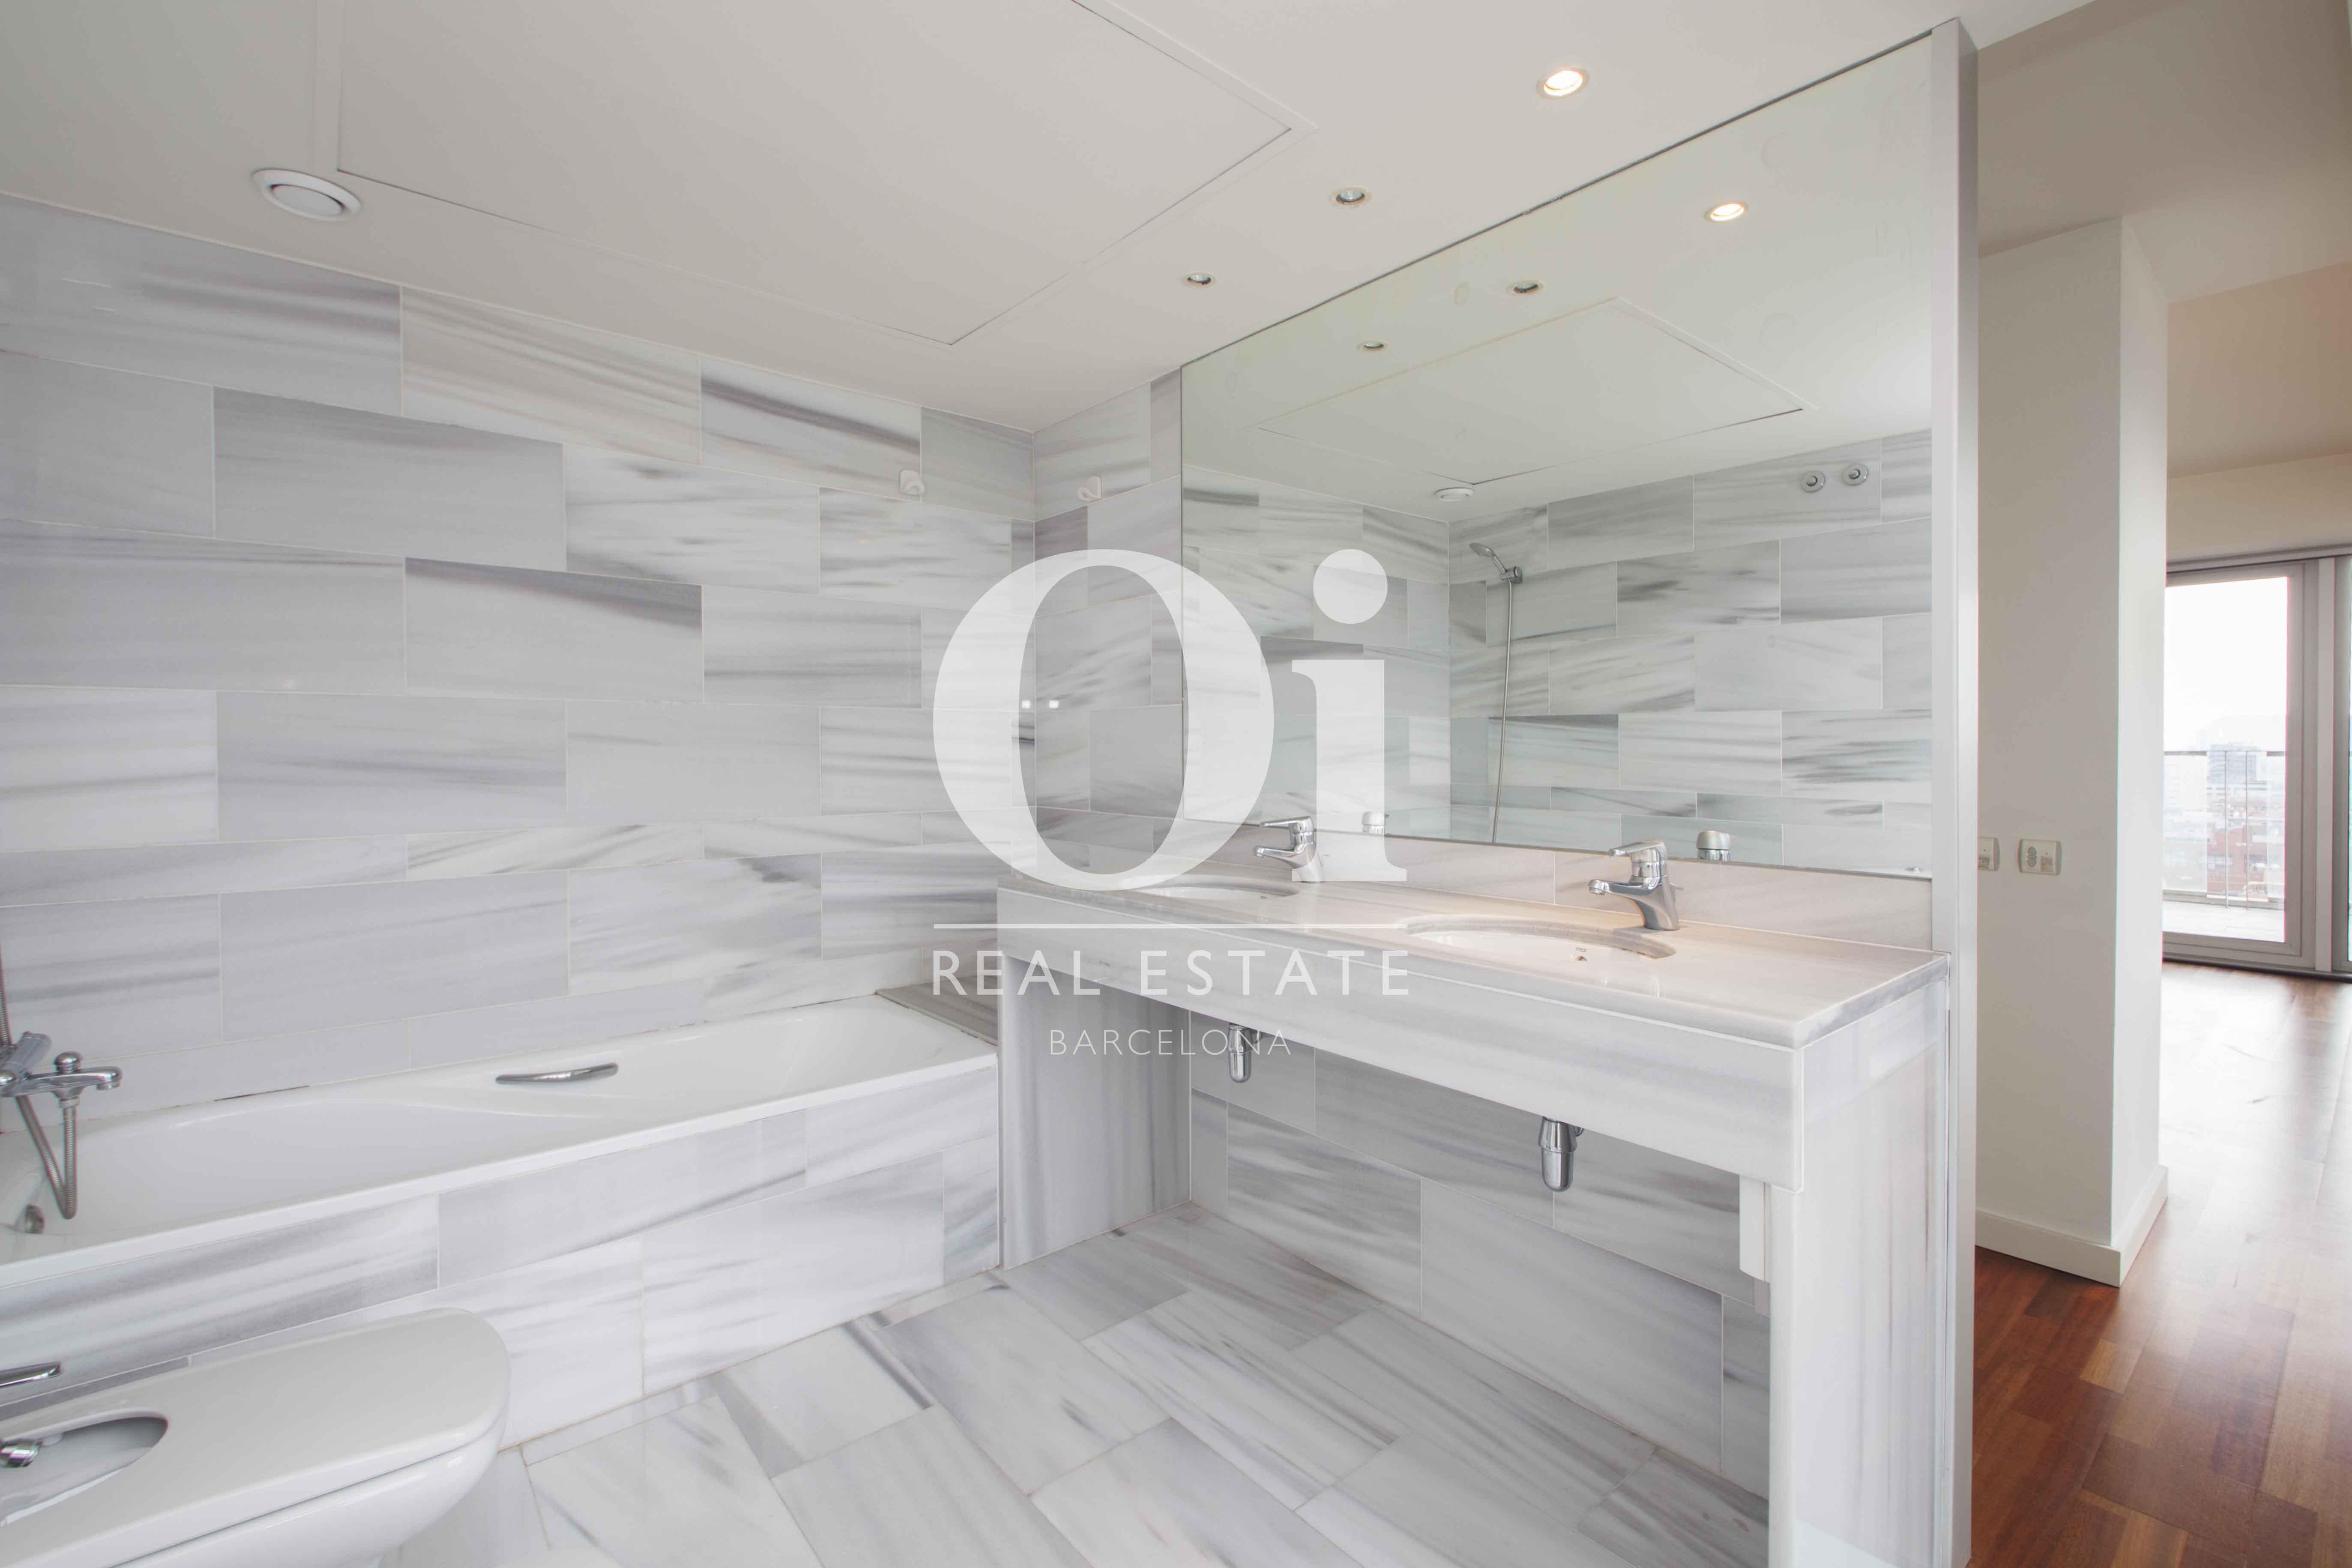 Ванная комната с ванной в квартире на продажу в Diagonal Mar, Барселона